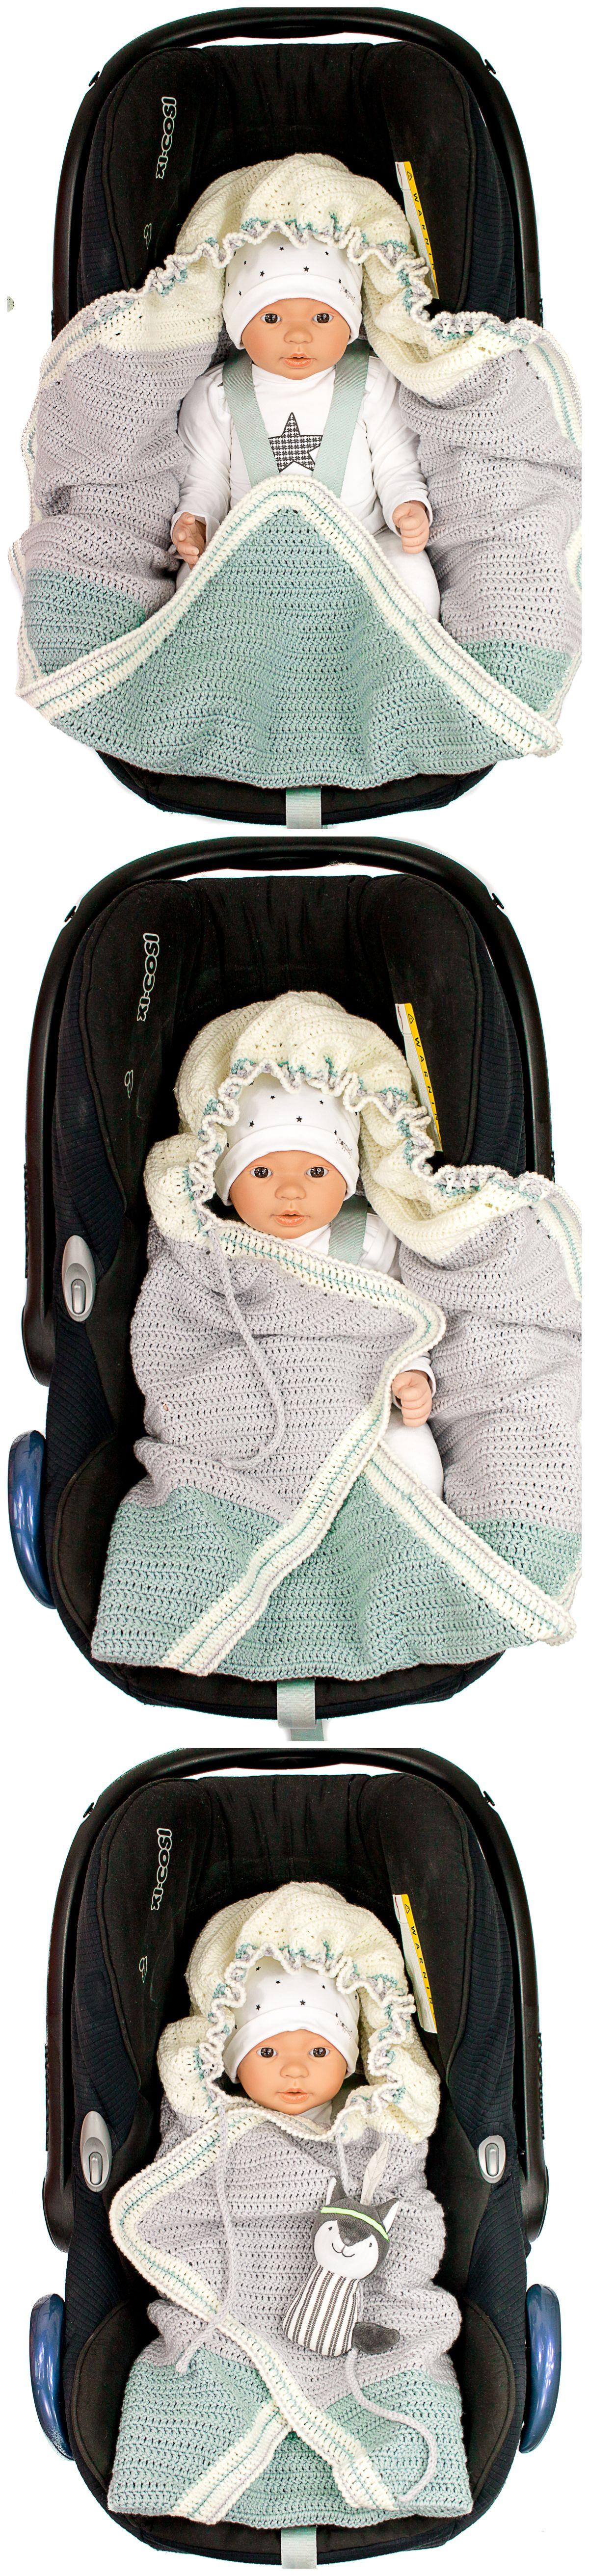 DIY-Anleitung: Babydecke häkeln mit praktischen Gurtschlitzen für ...